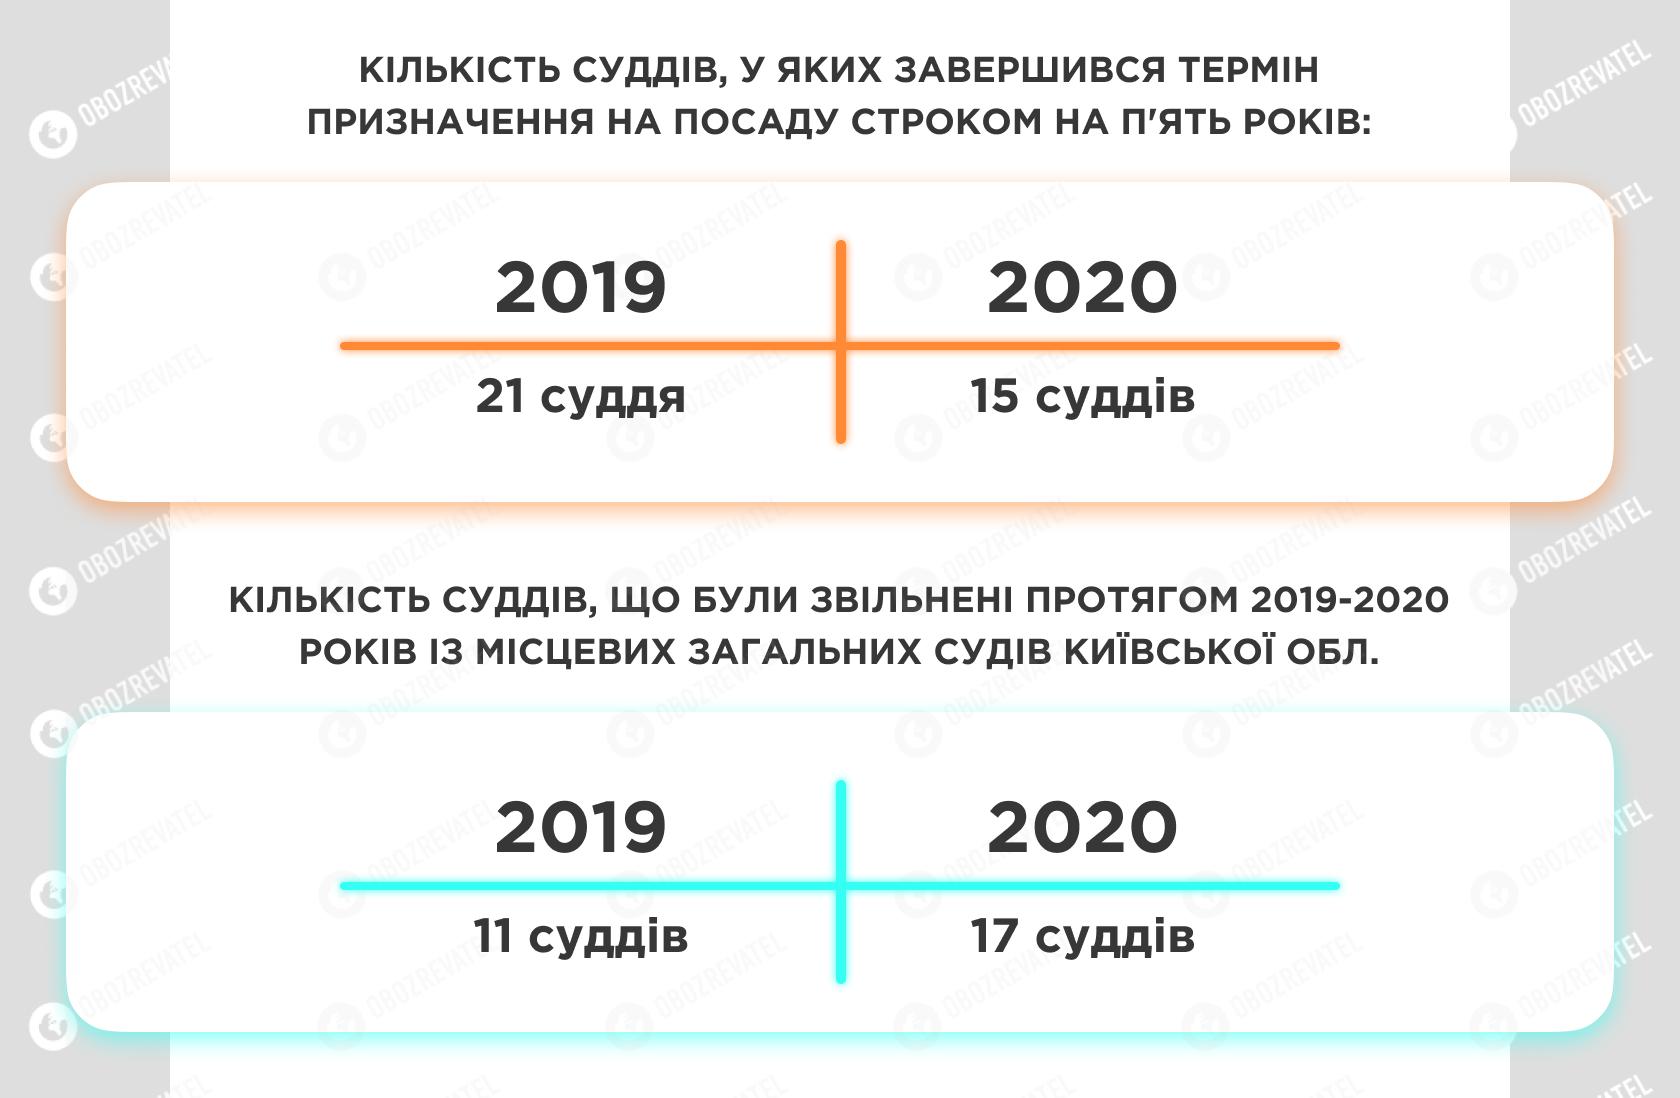 У місцевих загальних судах Київської обл. для суддів передбачено 208 посад. Понад 50 – вакантні.